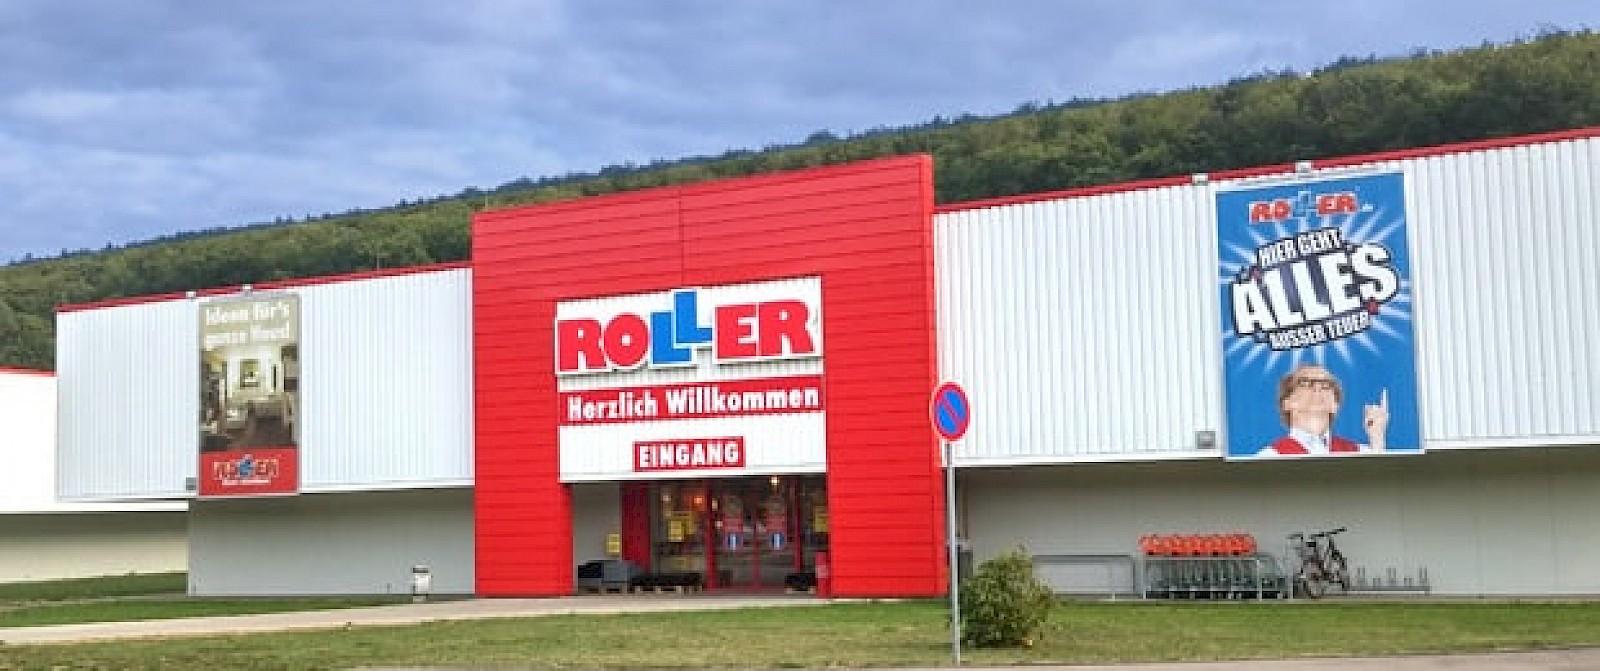 Möbel Roller Heidenheim Erleben